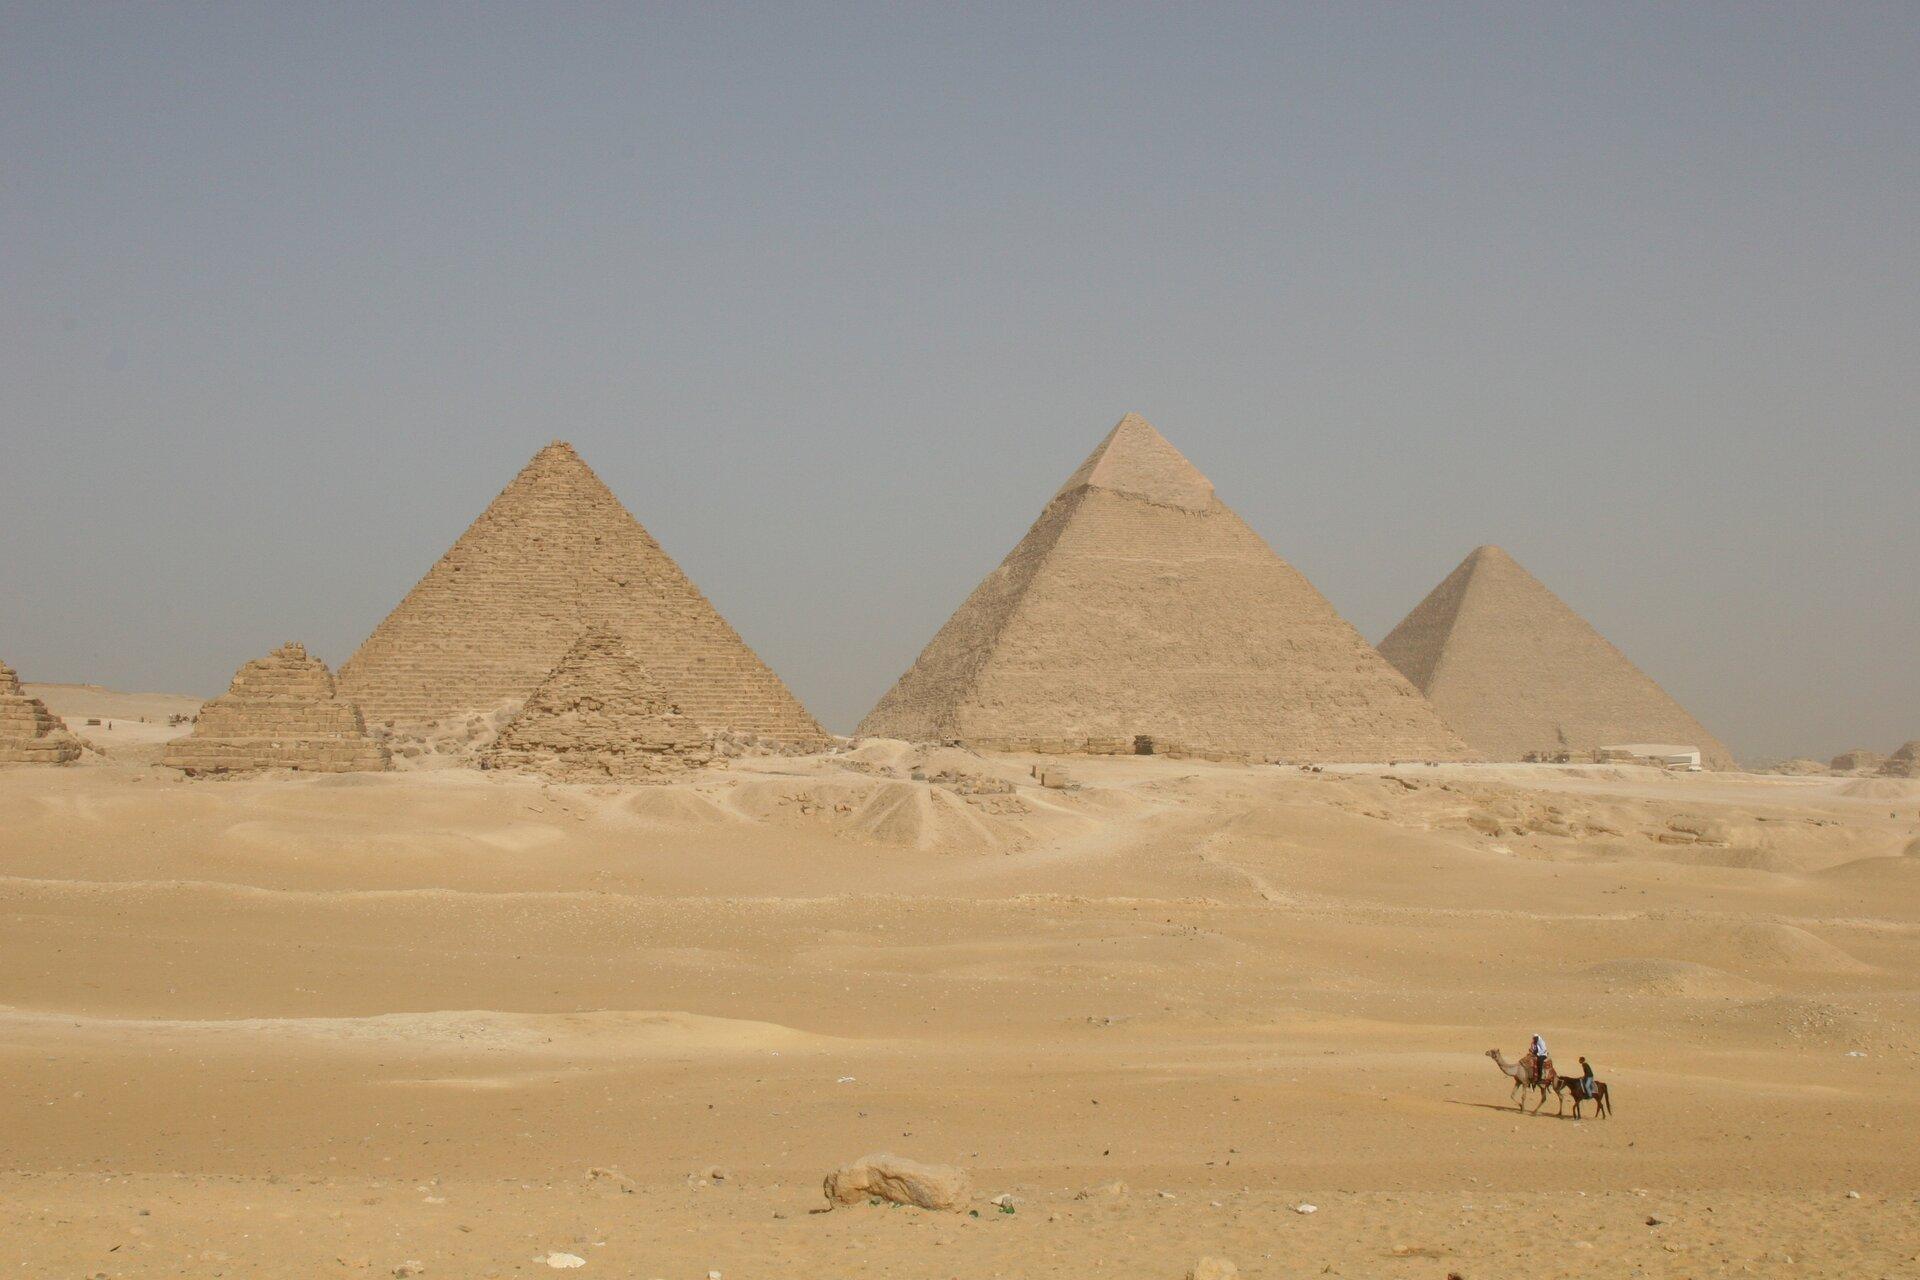 Fotografia trzecia prezentuje piramidy na pustyni.